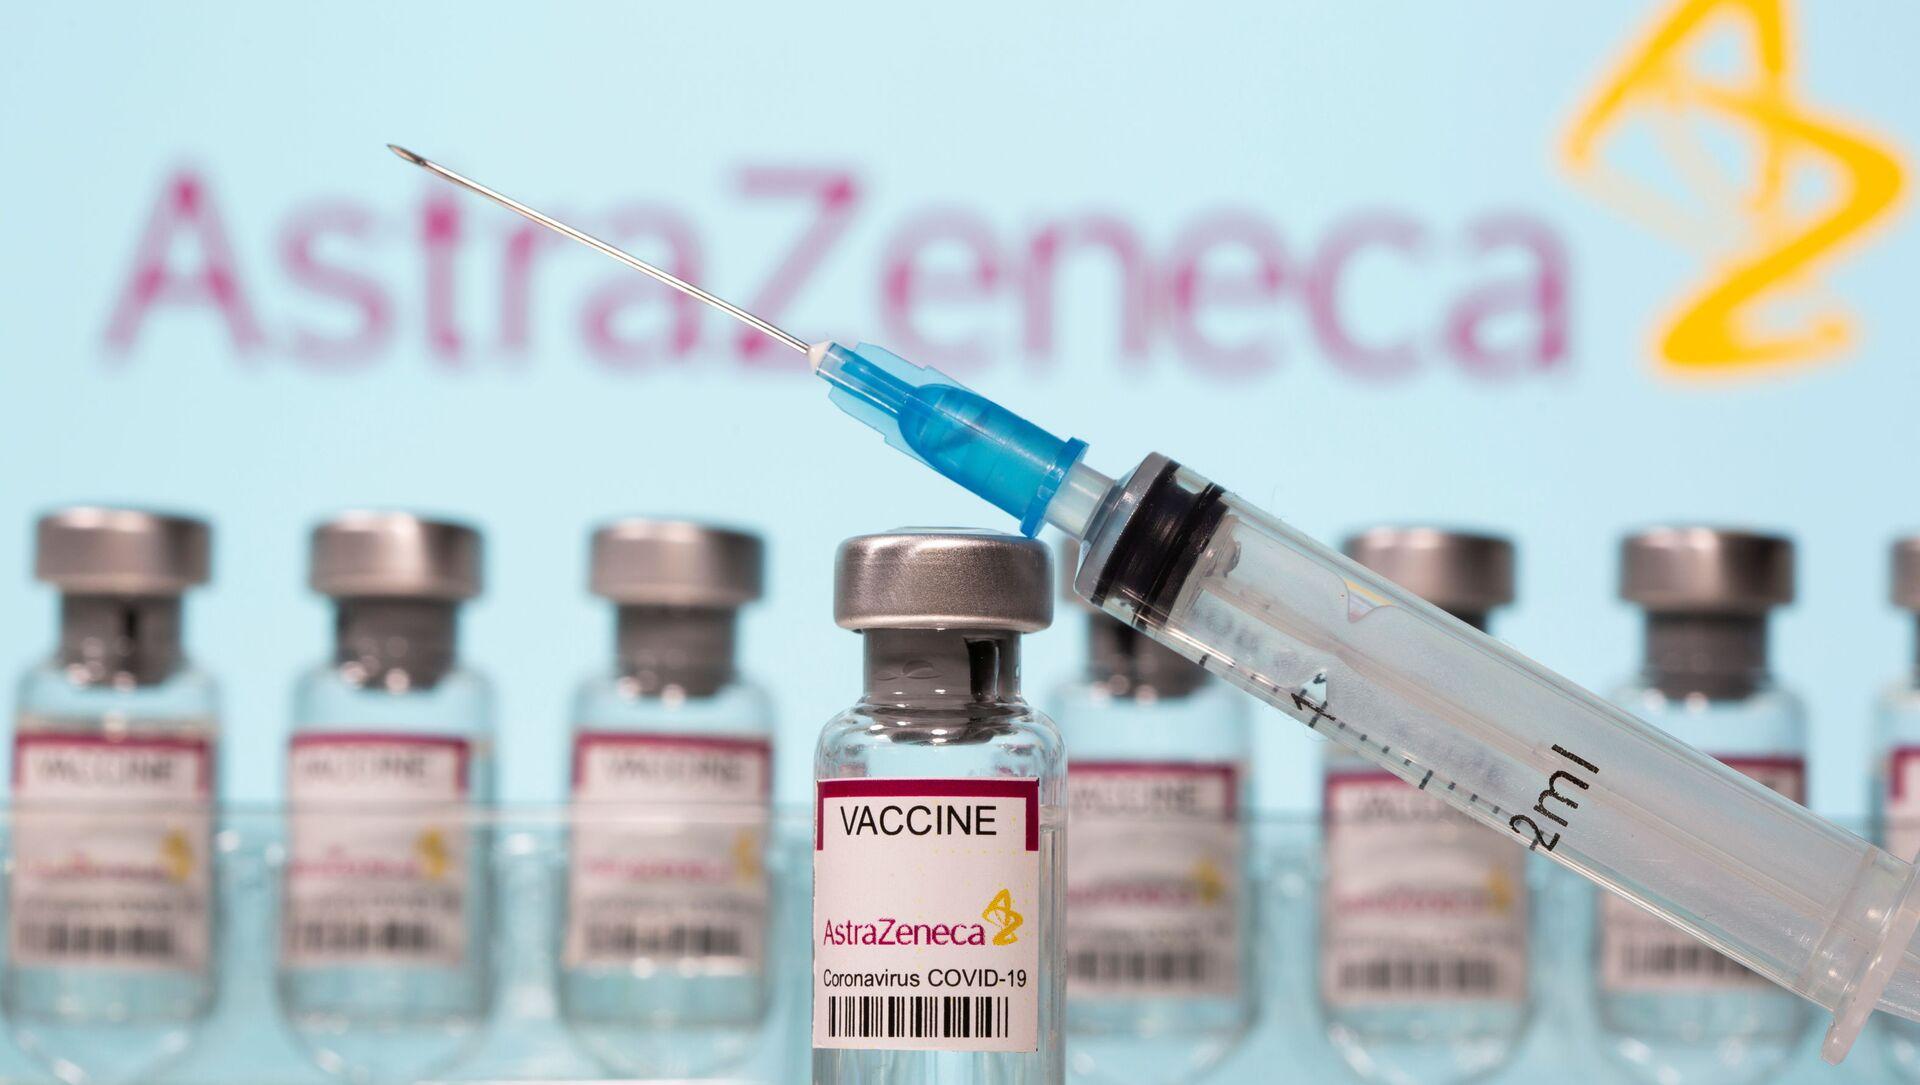 Doses du vaccin AstraZeneca - Sputnik France, 1920, 18.03.2021